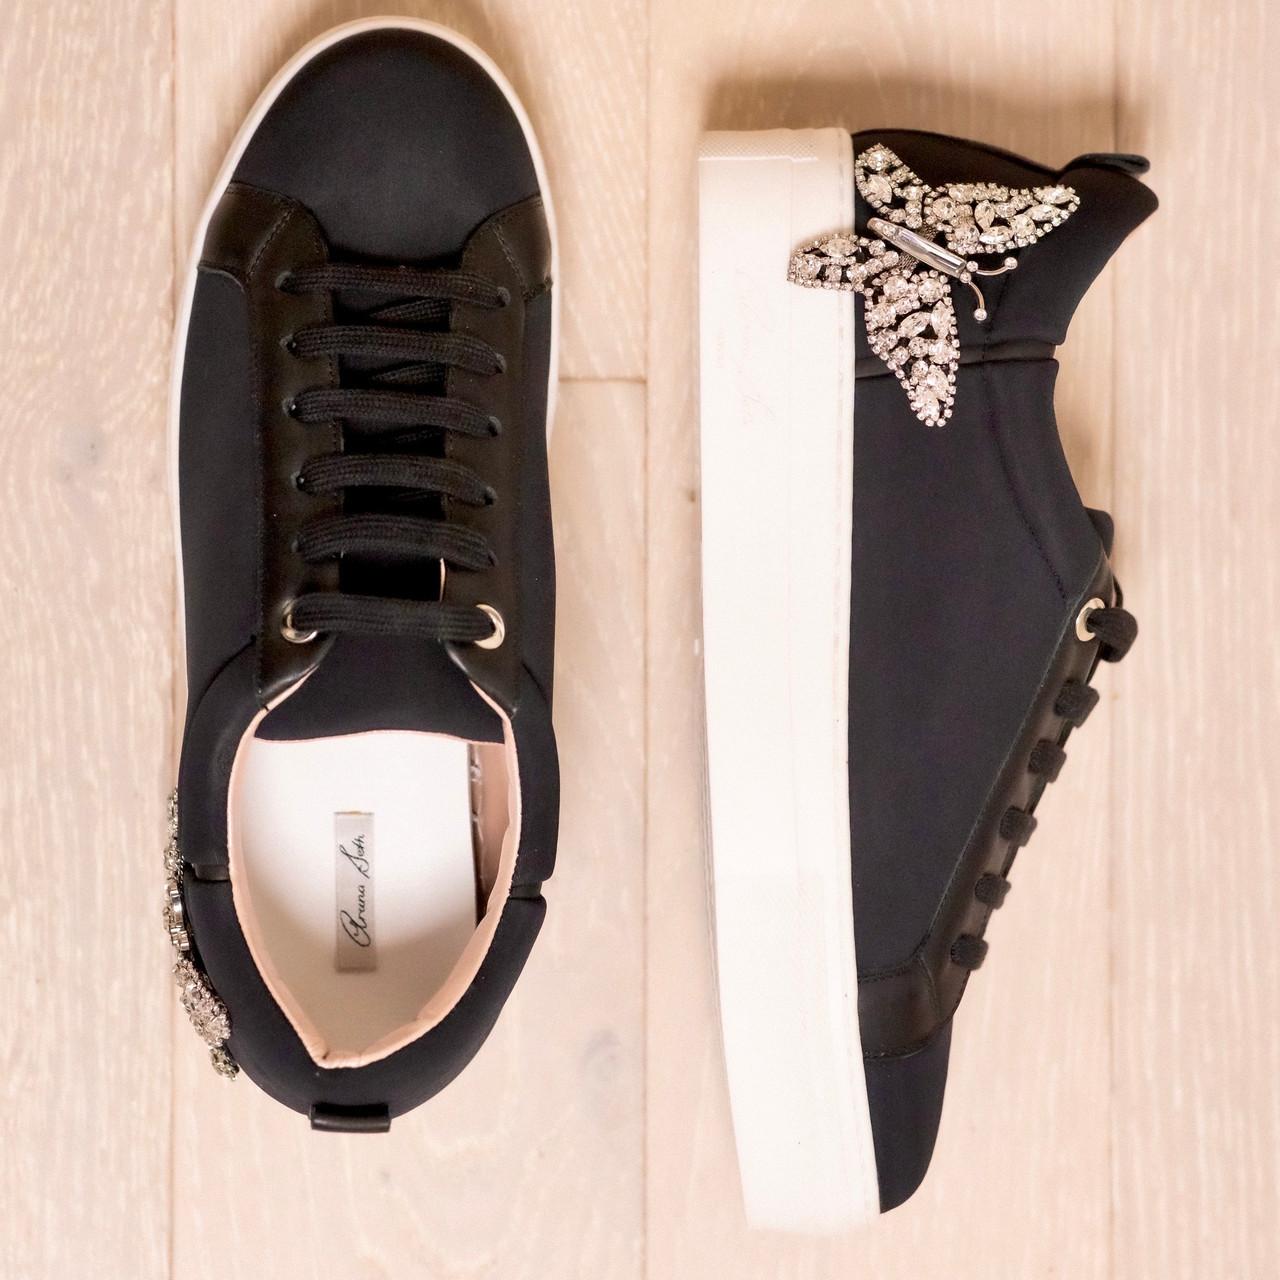 Rocket Black Neoprene Sneakers